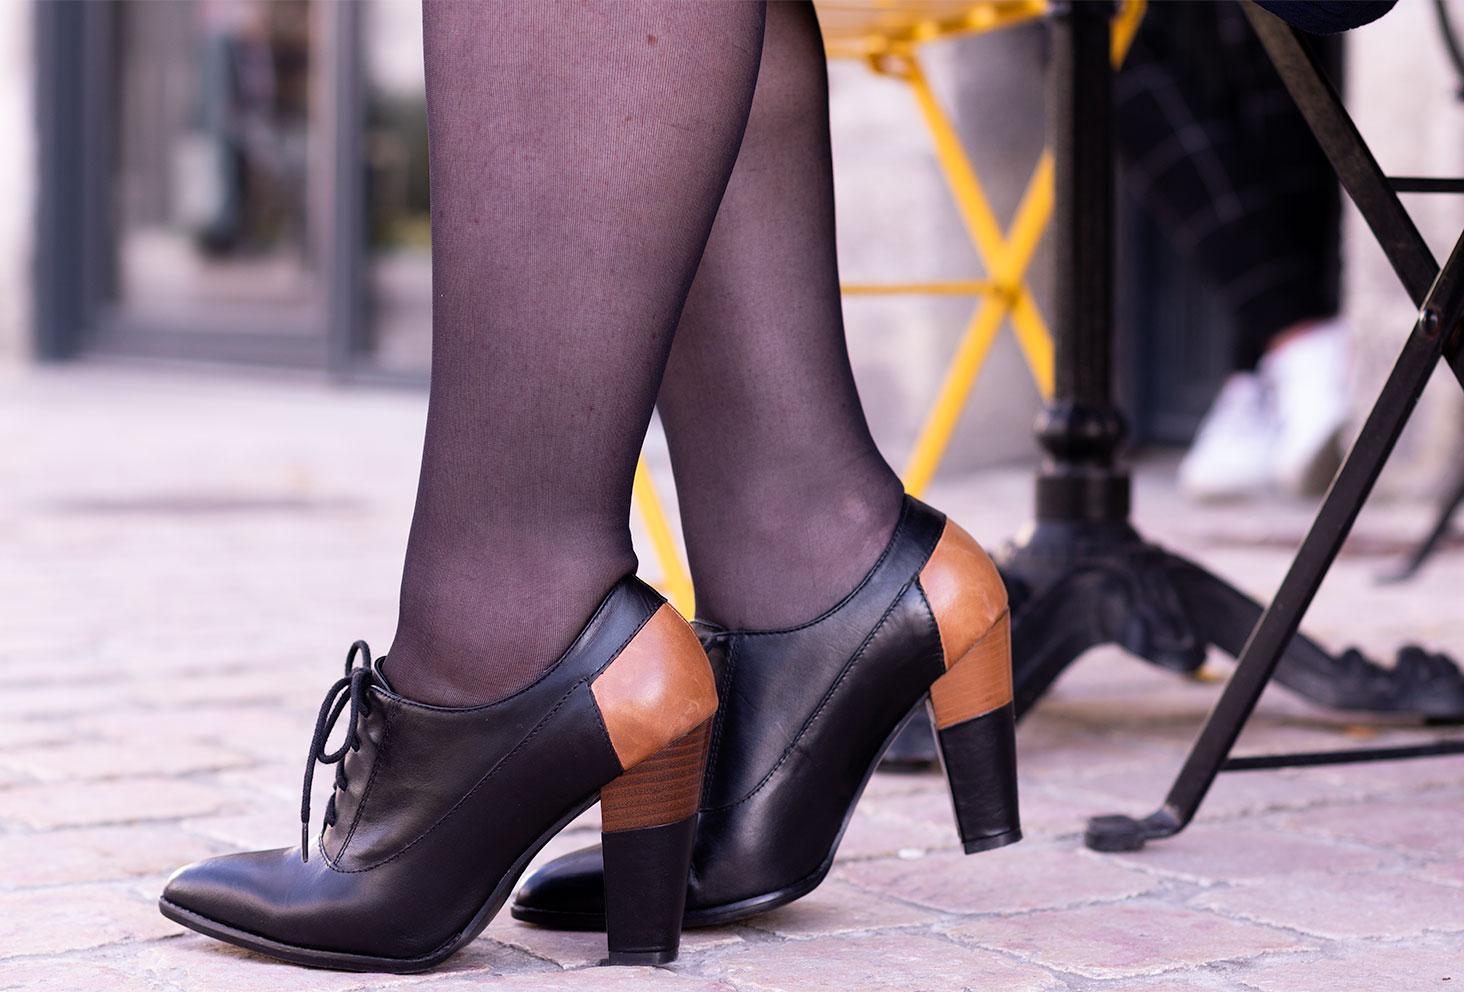 Zoom sur les bottines noires à hauts talons marrons à lacets, sur les pavés d'une rue tourangelle